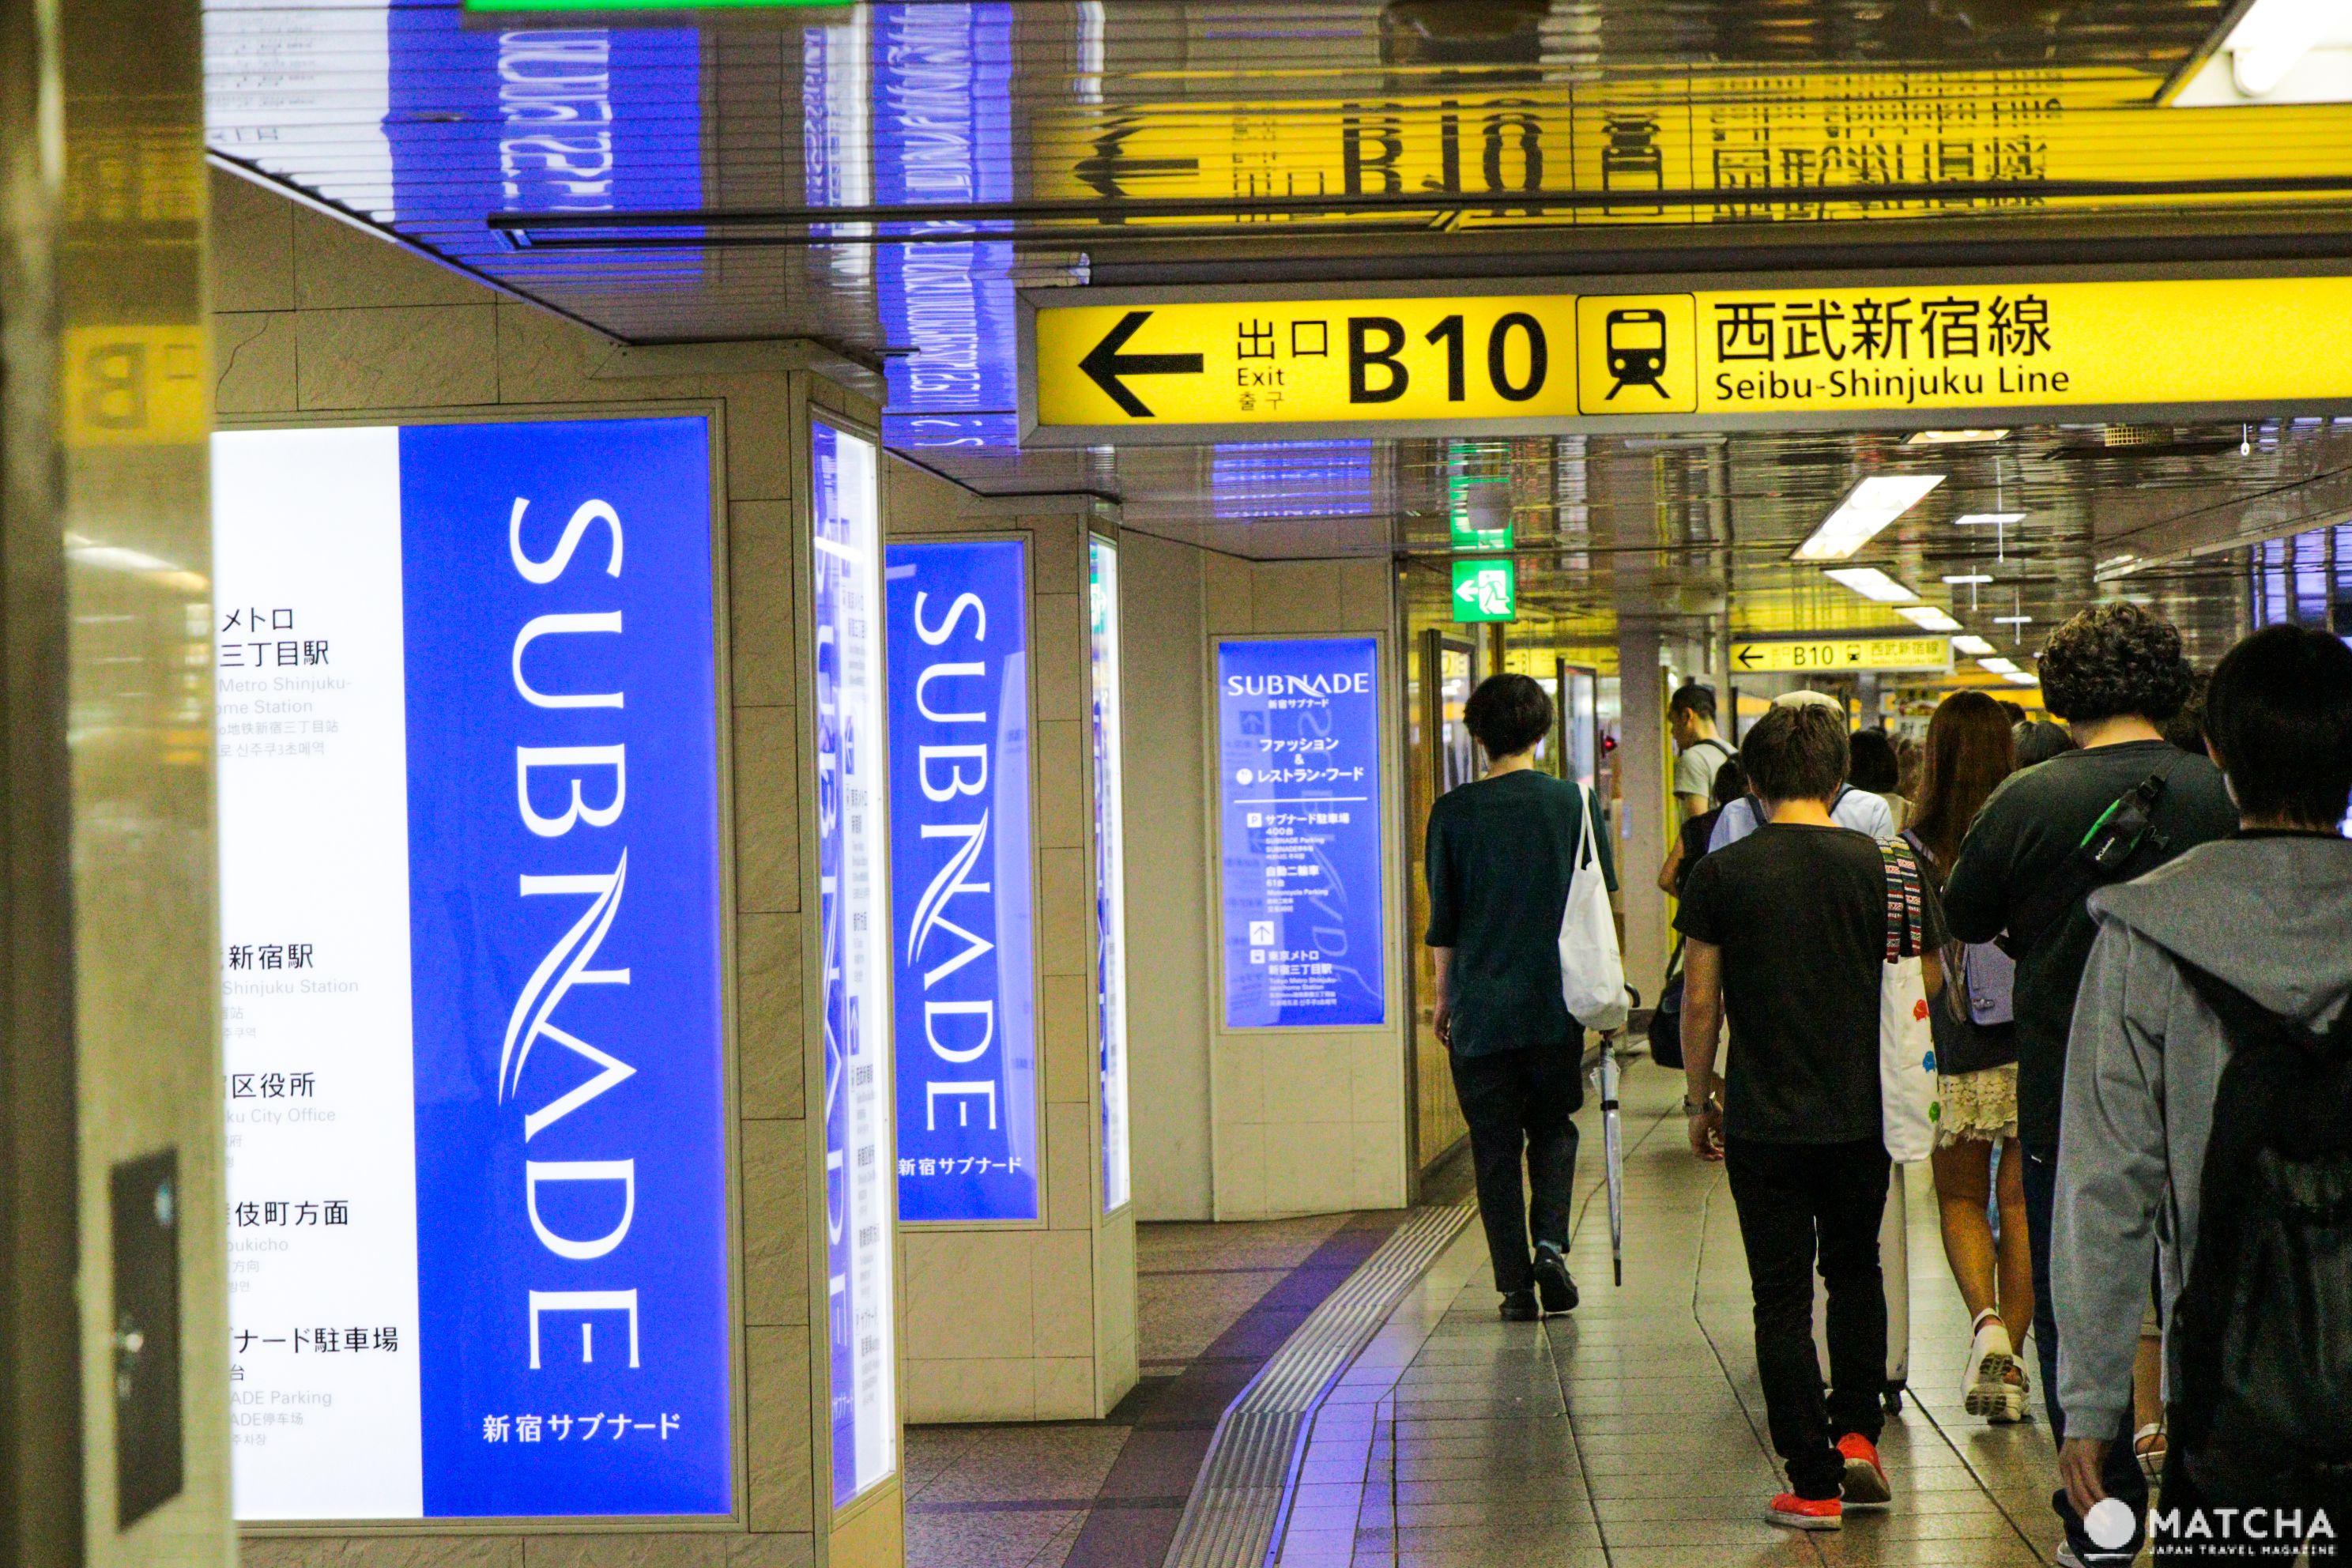 【新宿】東京購物必逛地下街!多種心願一次滿足就在「新宿SUBNADE」